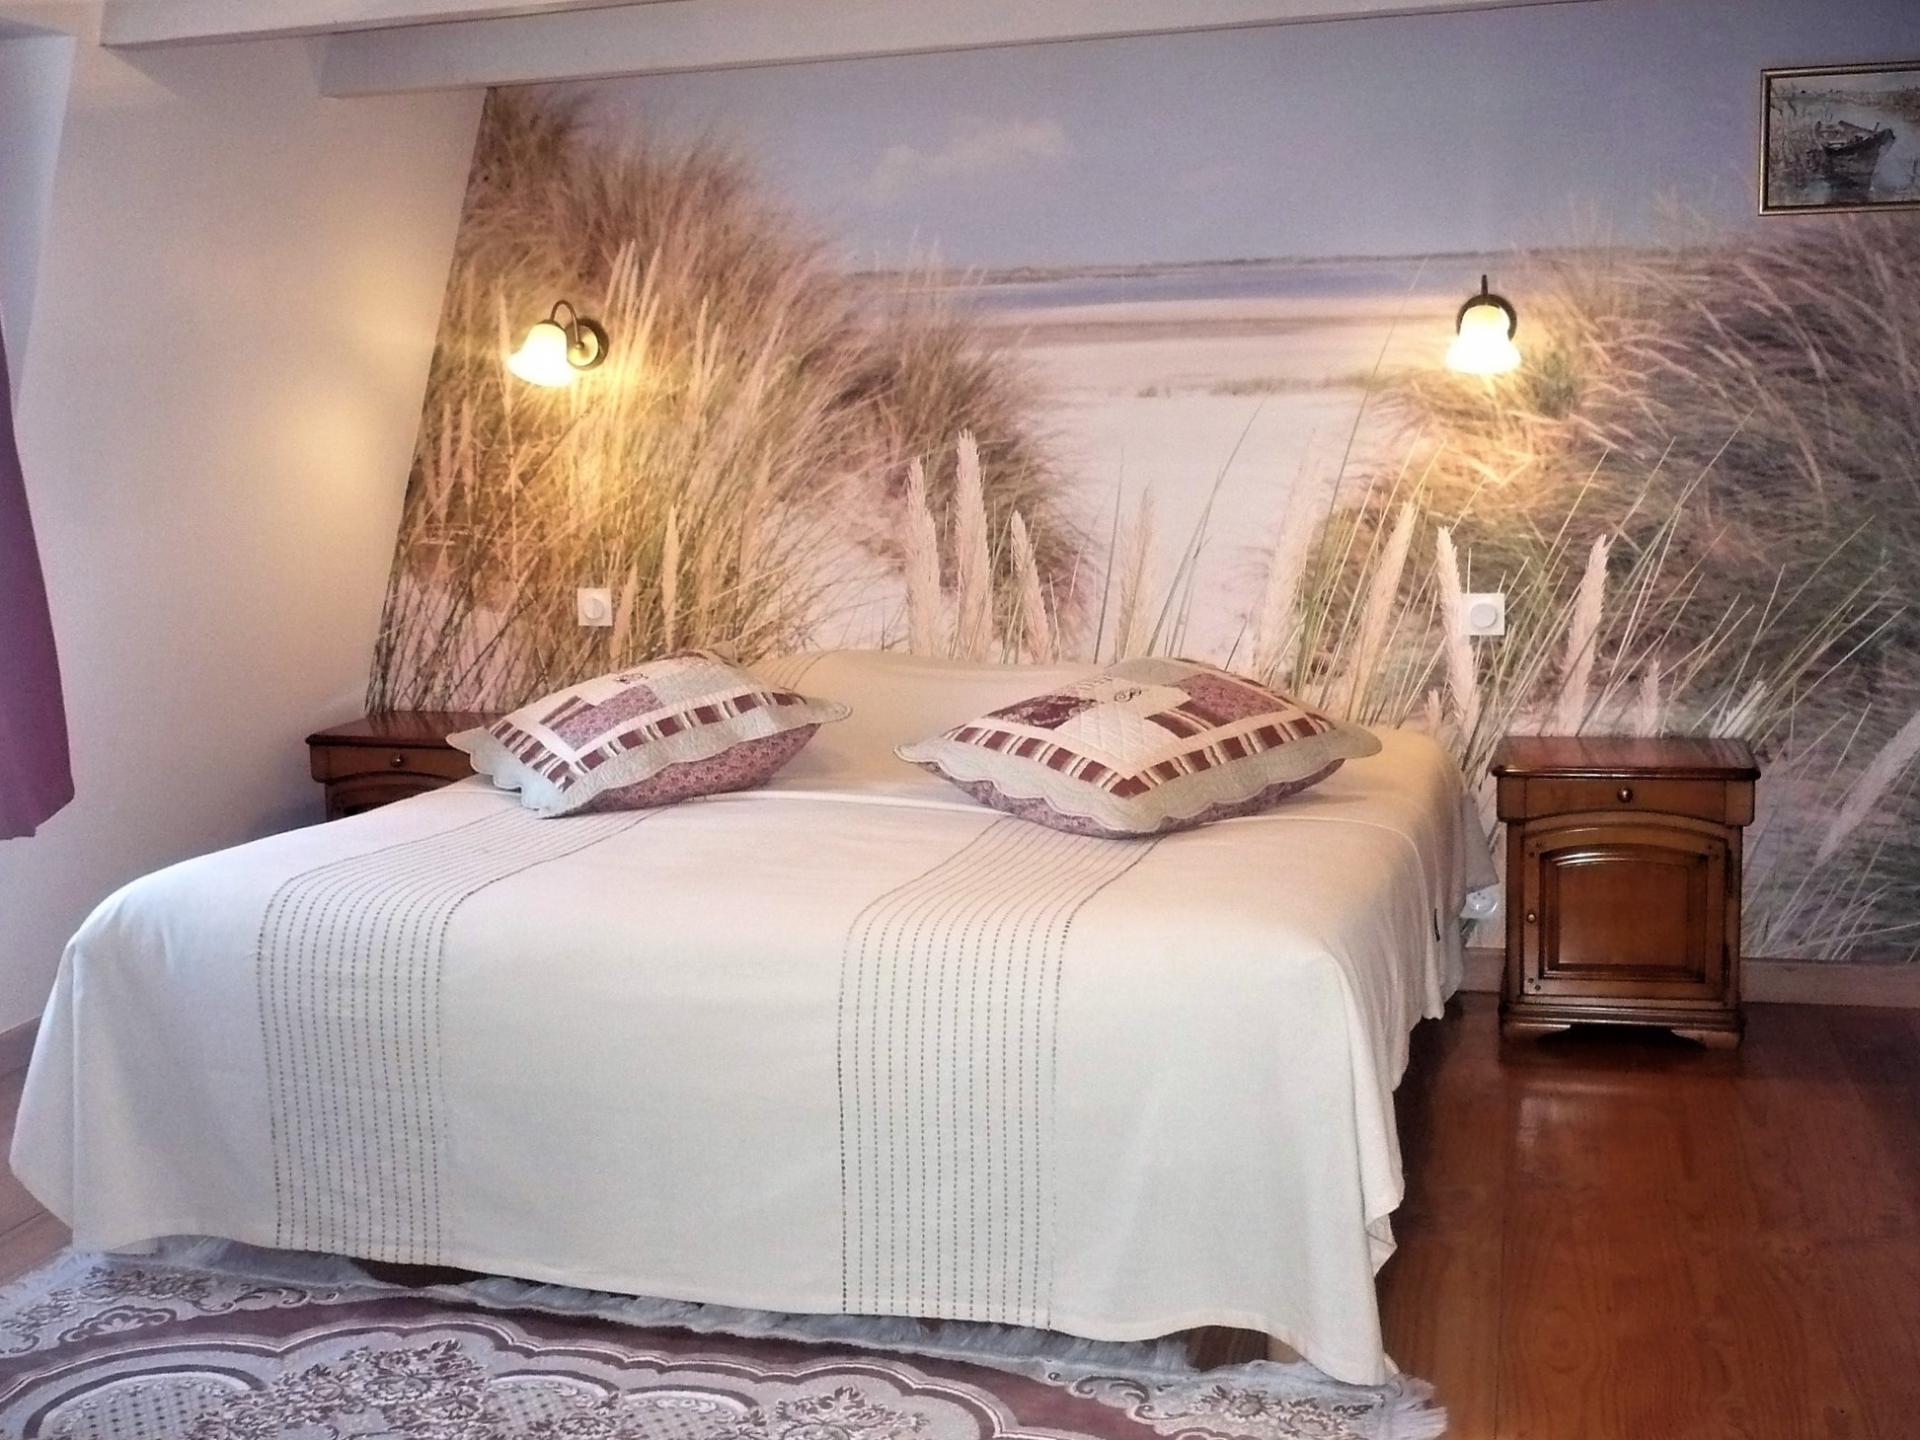 Chambres d'hôtes BAIE DE MORLAIX